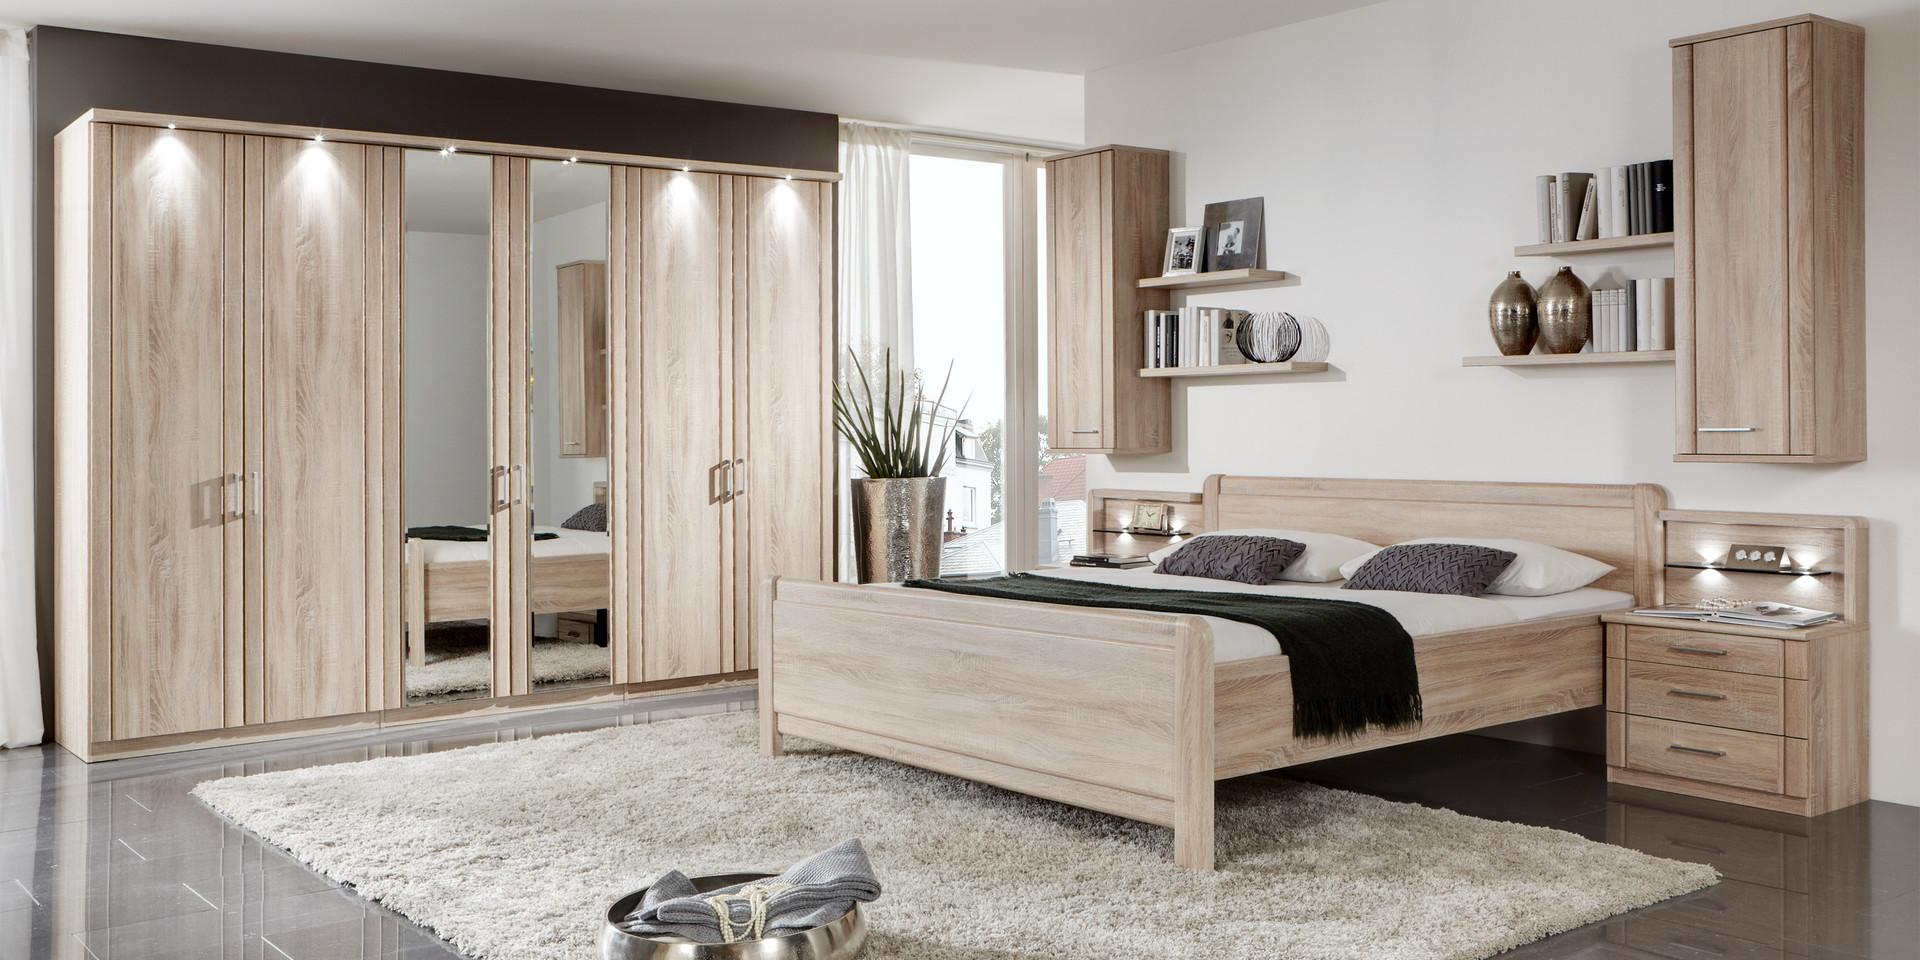 erleben sie das schlafzimmer valencia m belhersteller wiemann. Black Bedroom Furniture Sets. Home Design Ideas